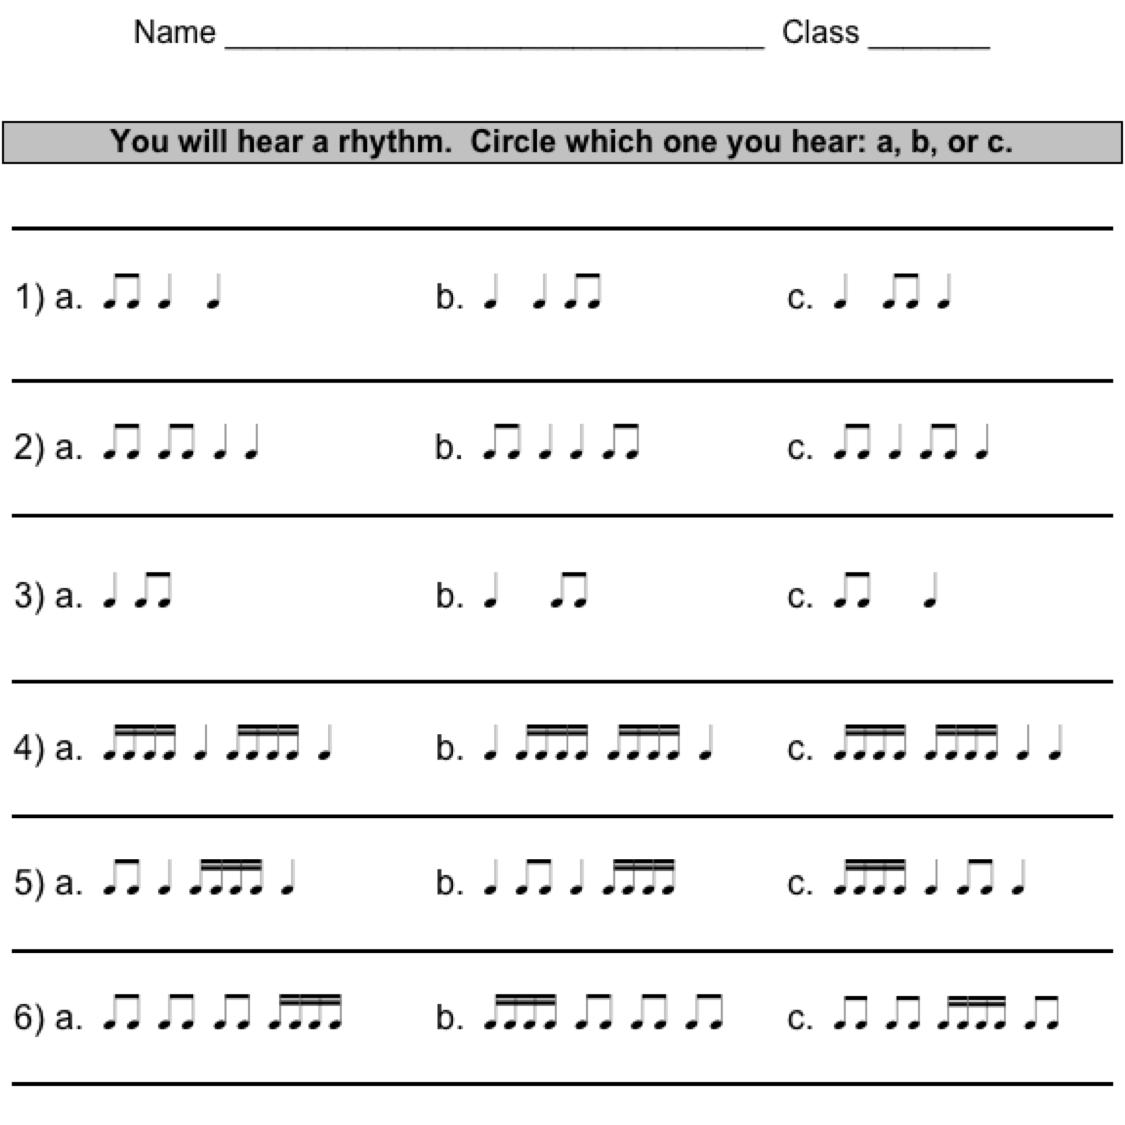 Rhythm worksheets - TECHNOLOGI INFORMATION